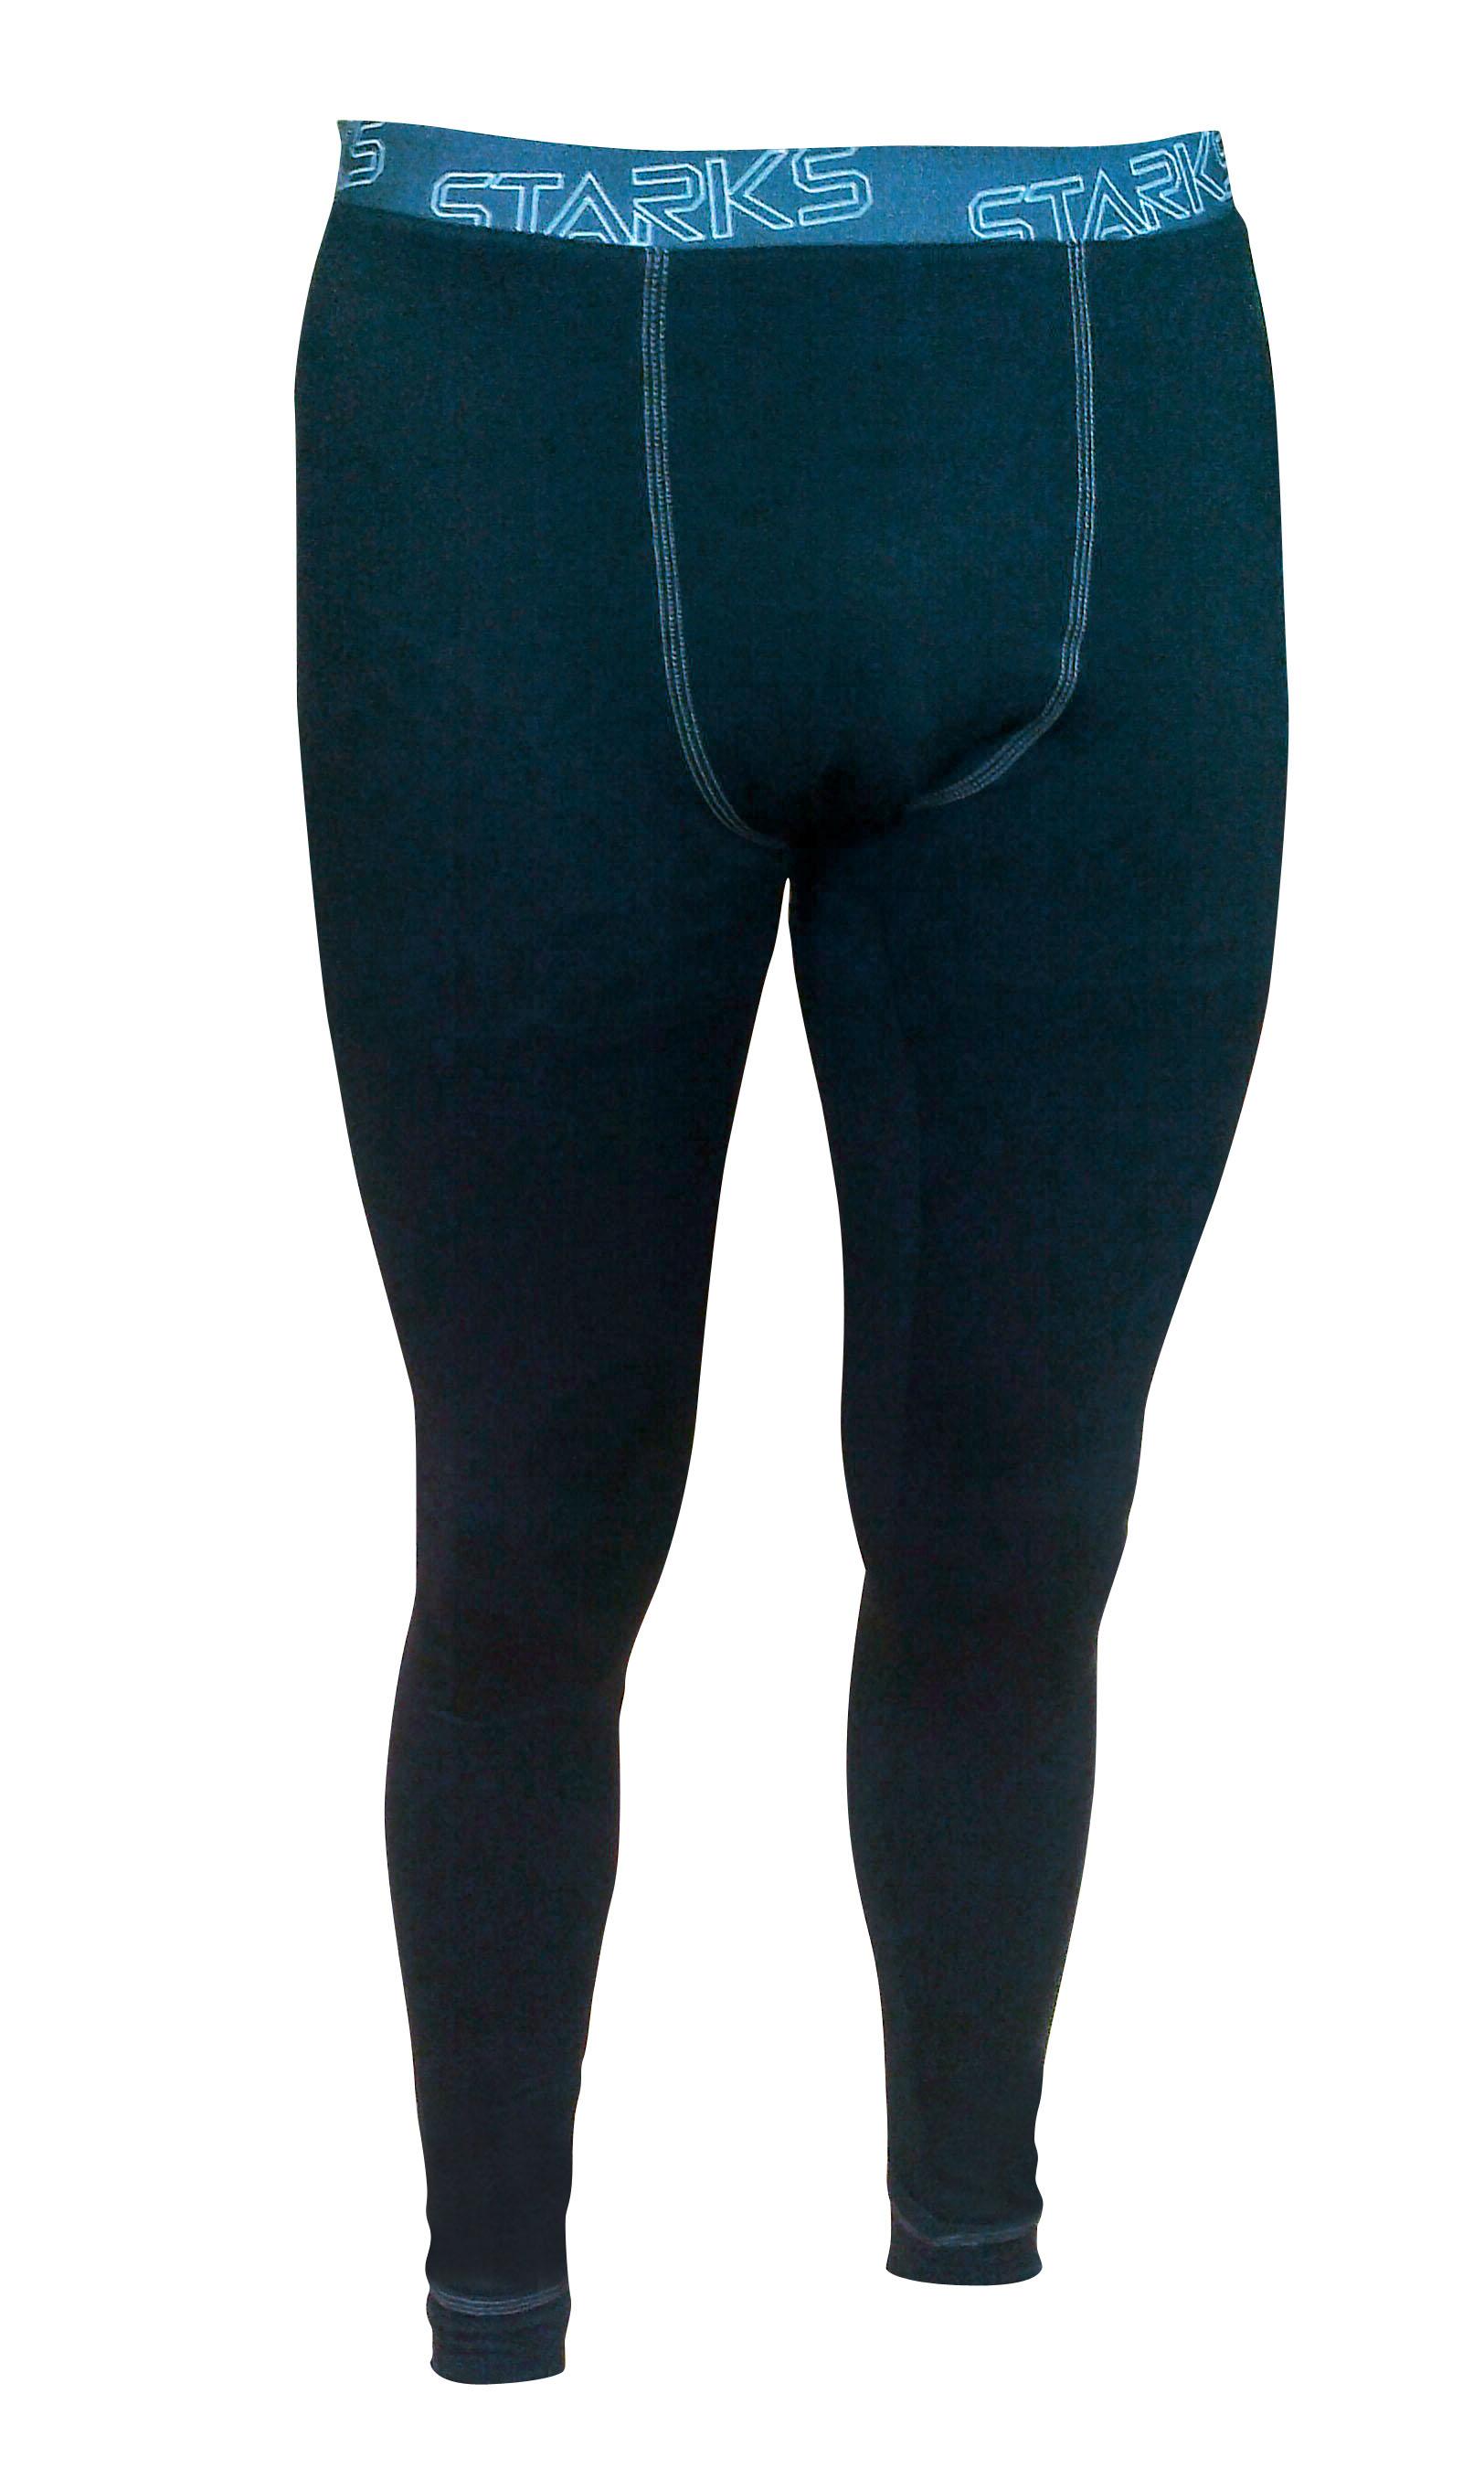 Термобелье брюки мужские Starks Warm, зимние, цвет: черный. ЛЦ0023. Размер XXLЛЦ0023_XXL_мужБелье Starks Warm предназначено для активных физических нагрузок. Анатомические термобрюки, выполнены из европейской сертифицированной ткани PolarStretch. Высокие эластичные свойства материала позволяют белью максимально повторять индивидуальную анатомию тела, эффект второй кожи. Термобелье имеет отличные влагоотводящие свойства, что позволяет телу оставаться сухим. Высокие термоизоляционные свойства, позволяют исключить переохлаждение или перегрев. Повседневное использование, в качестве демисезонного.Особенности: -Stop Bacteria - ткань с ионами серебра, предотвращает образование и развитие бактерий.-Защита от перегрева или переохлаждения.-Система мягких и плоских швов.-Гипоаллергенно. Состав: 92% полиэстер, 8% эластан.